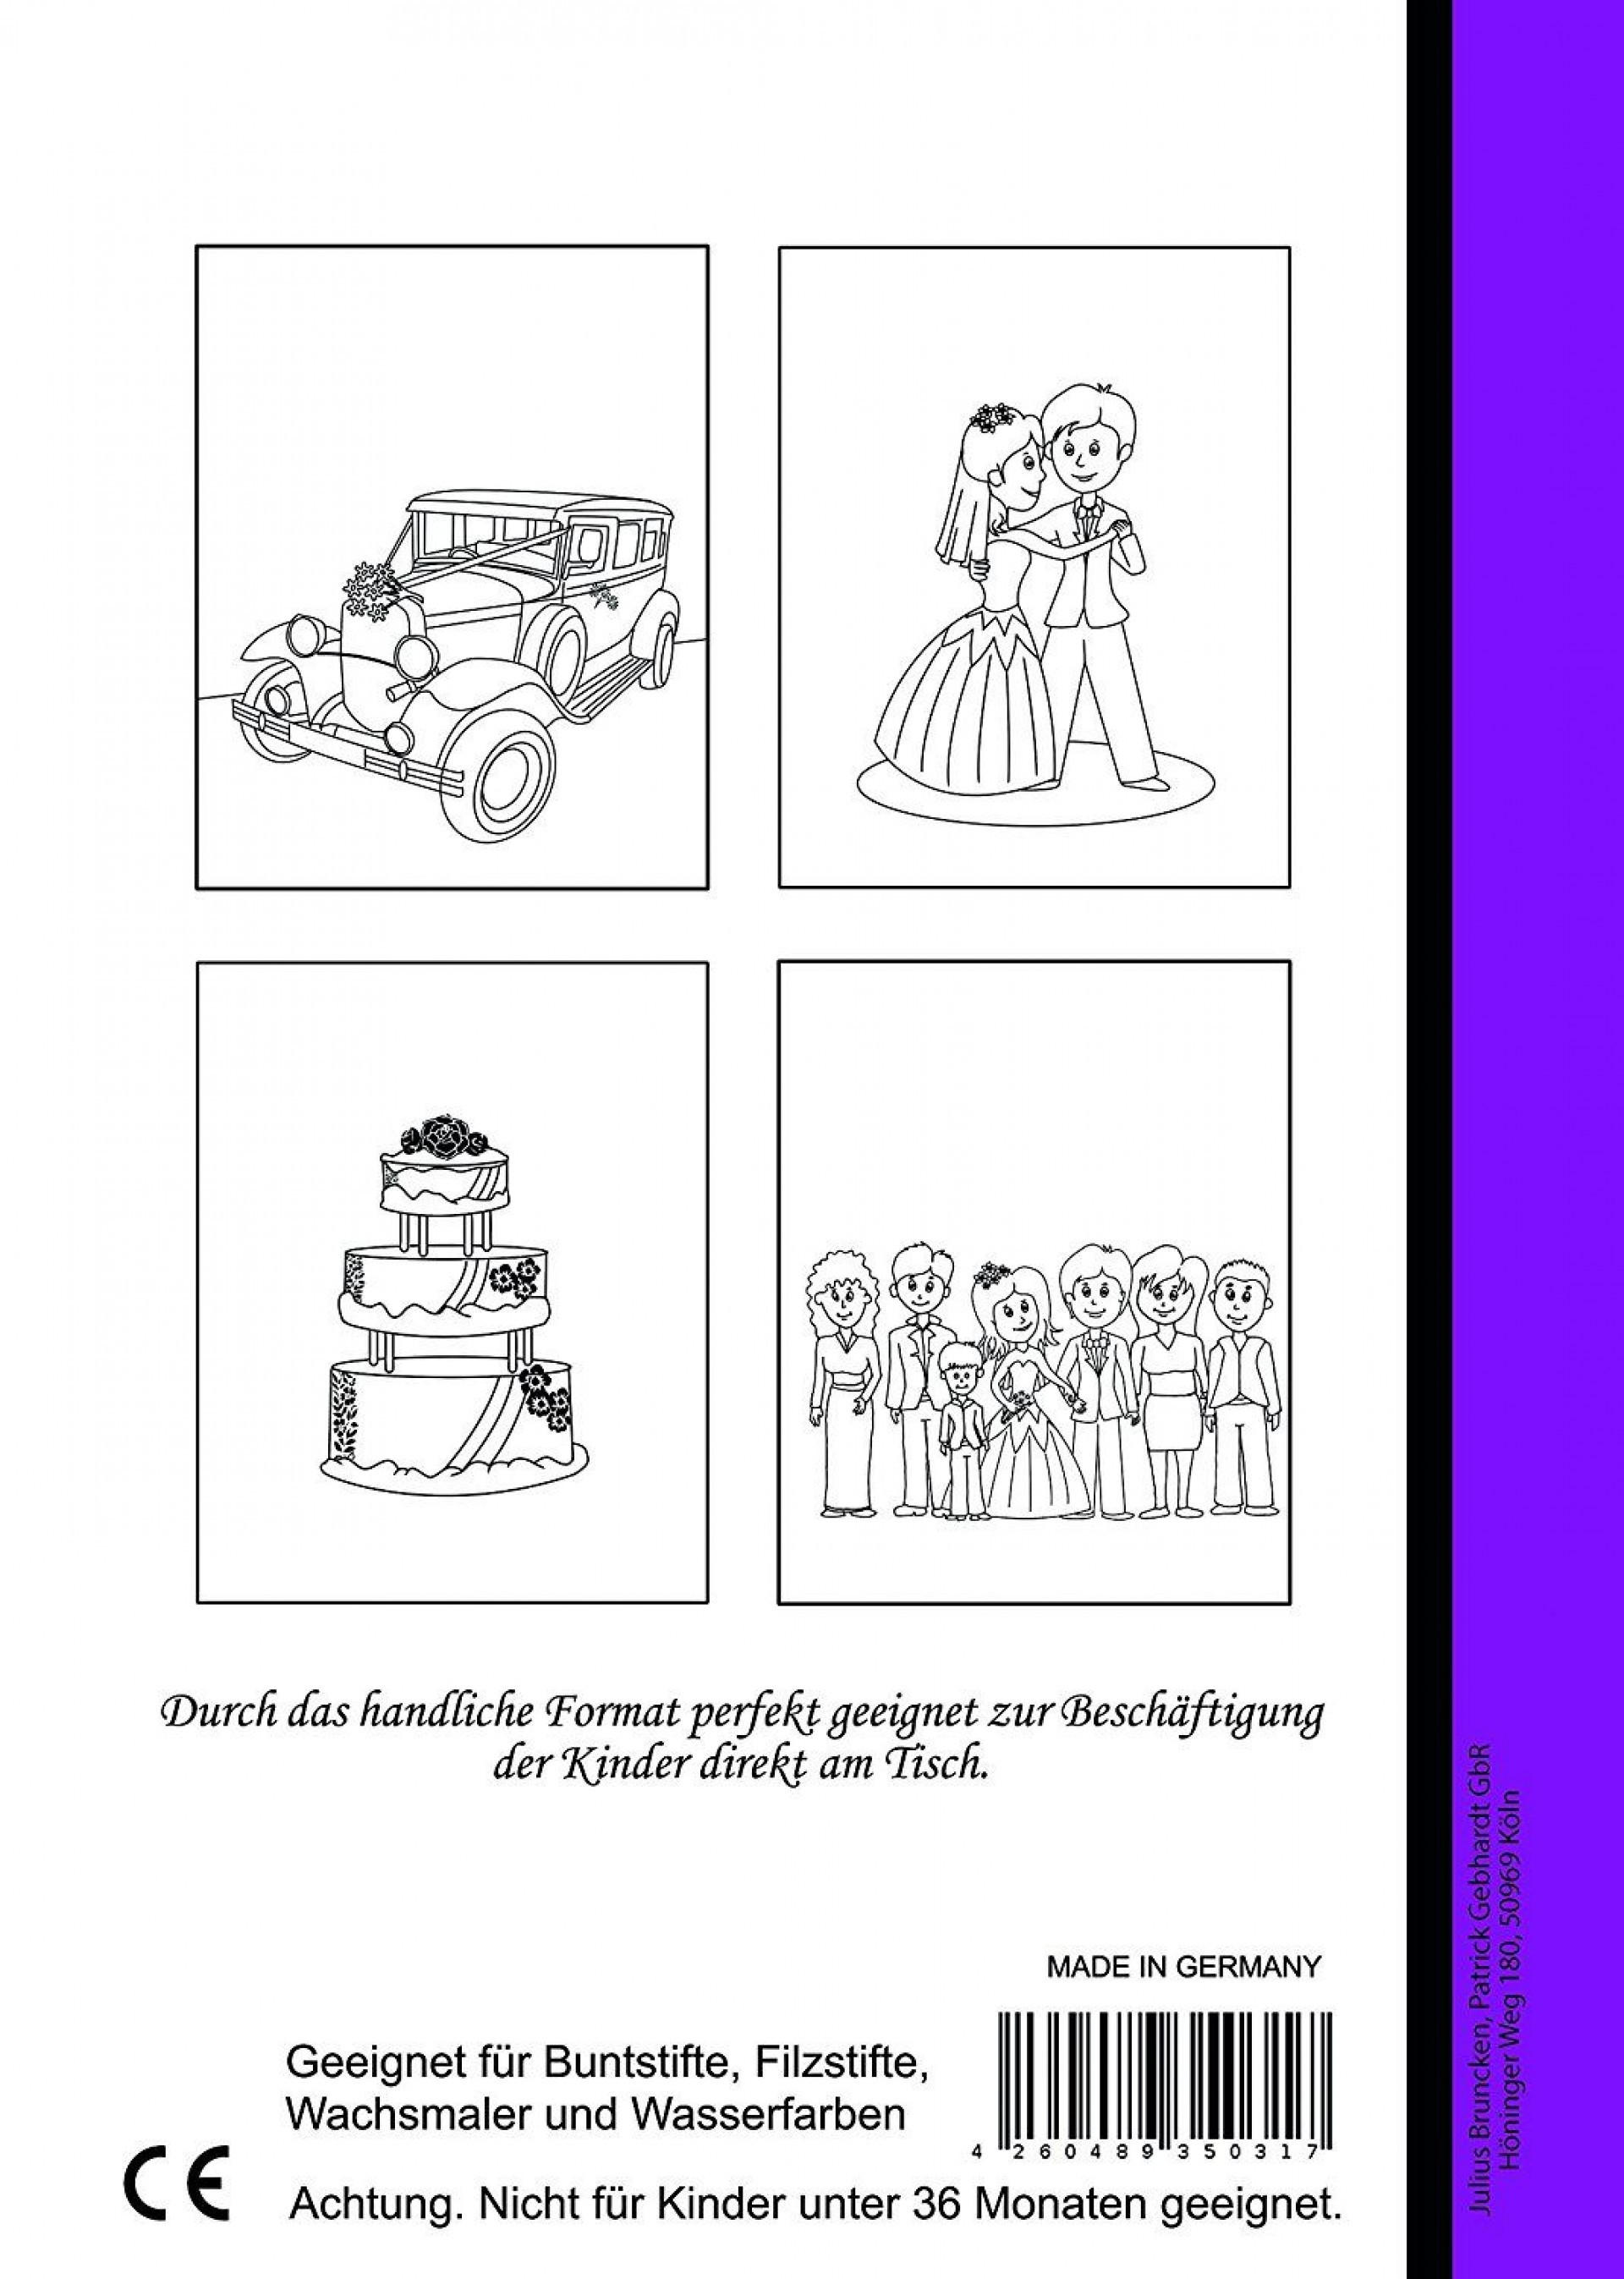 Ausmalbilder Für Kinder Weihnachten Kostenlos Inspirierend Malvorlagen Hochzeit Kinder Fotos